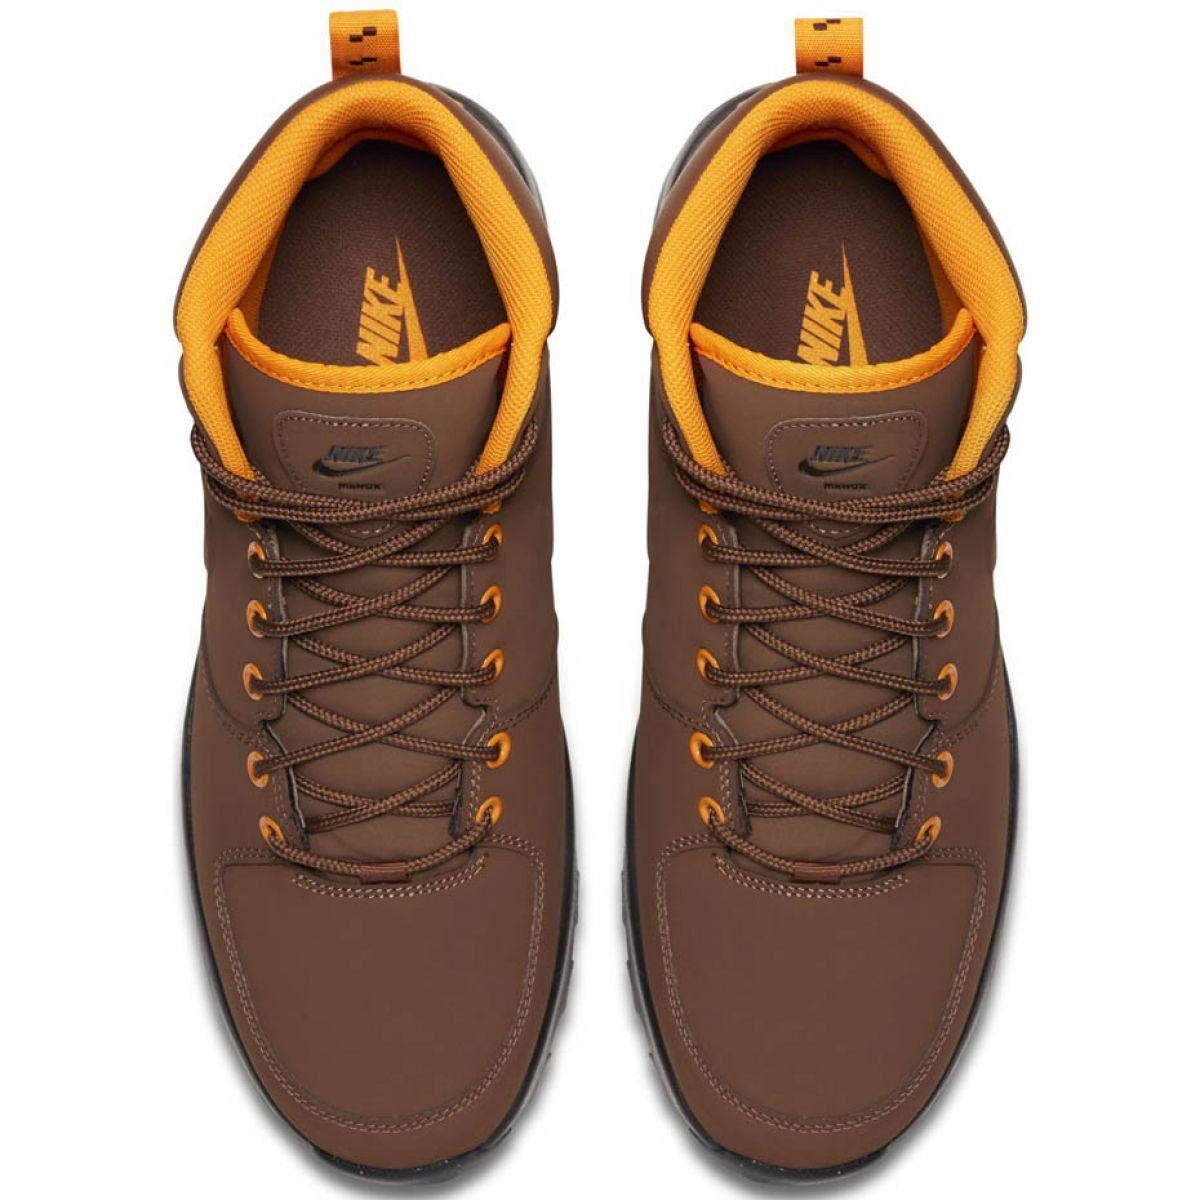 Buty Nike Manoa Leather M 454350 203 Brazowe Nike Shoes Mens Nike Shoes Shoes